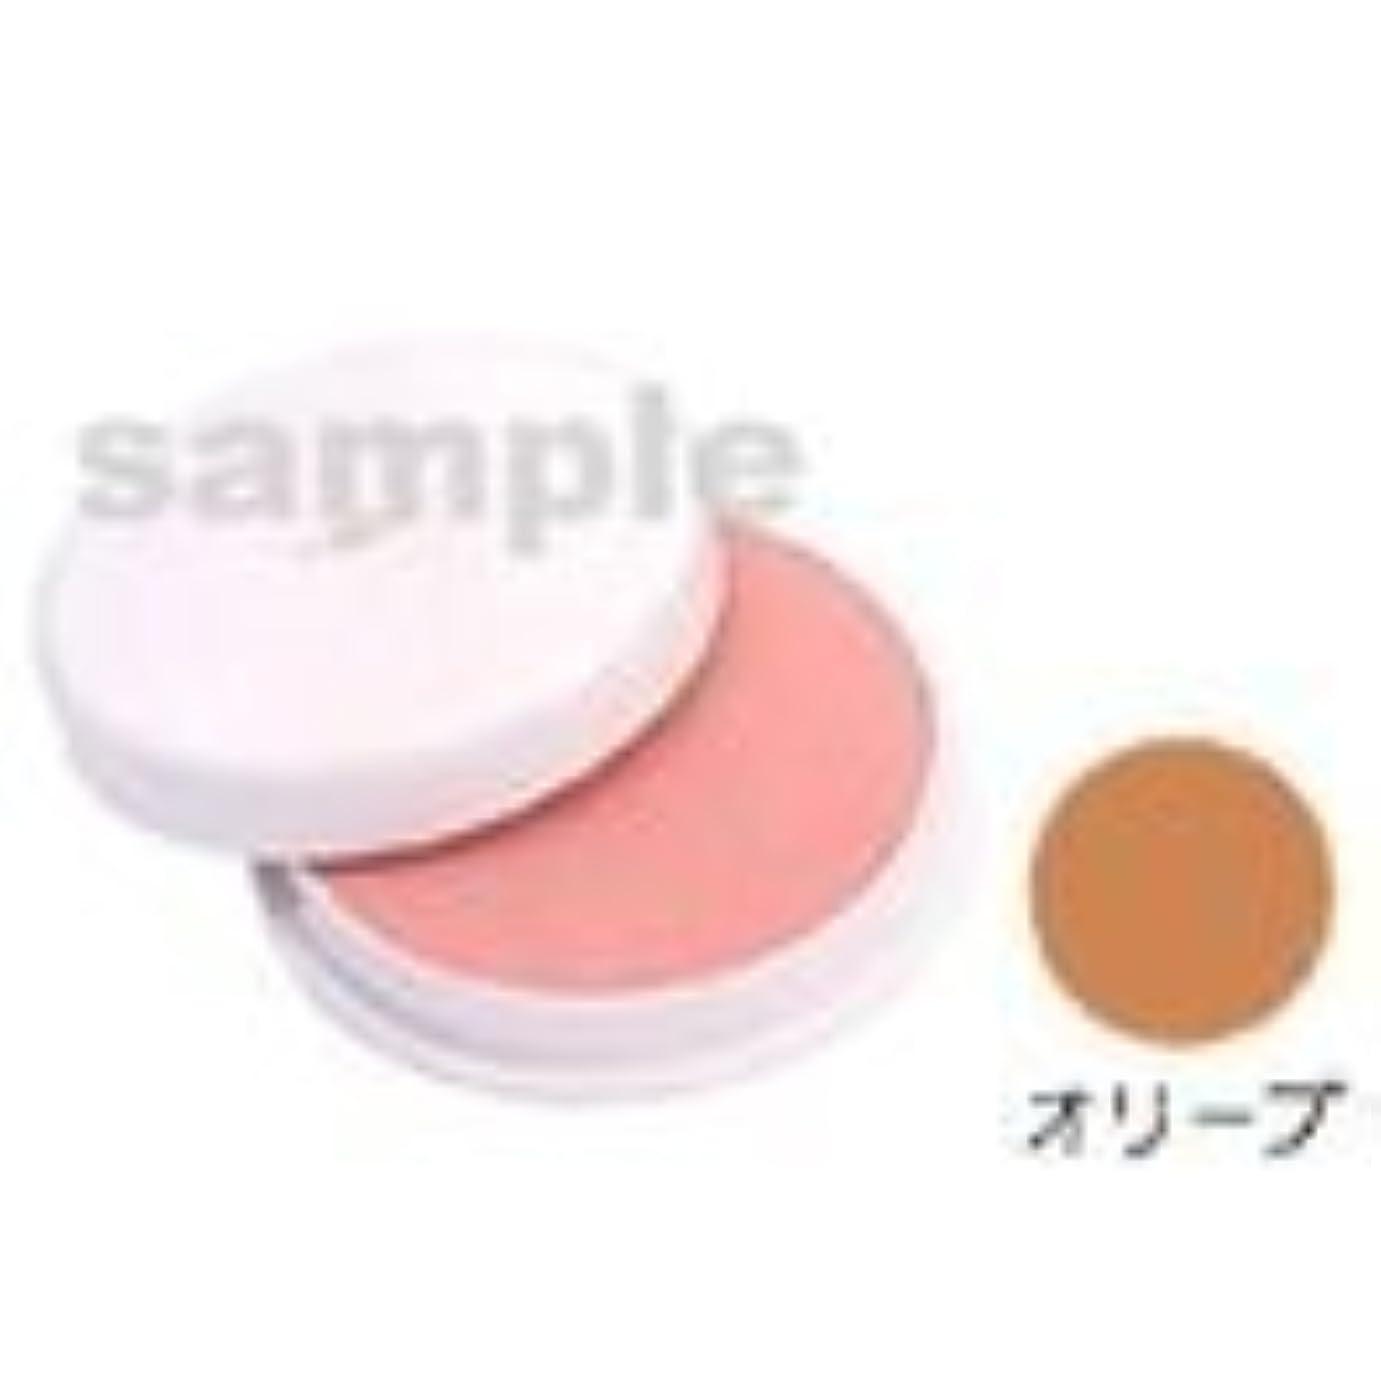 三善 フェースケーキ ファンデーション コスプレメイク 舞台メイク カラー:オリーブ #